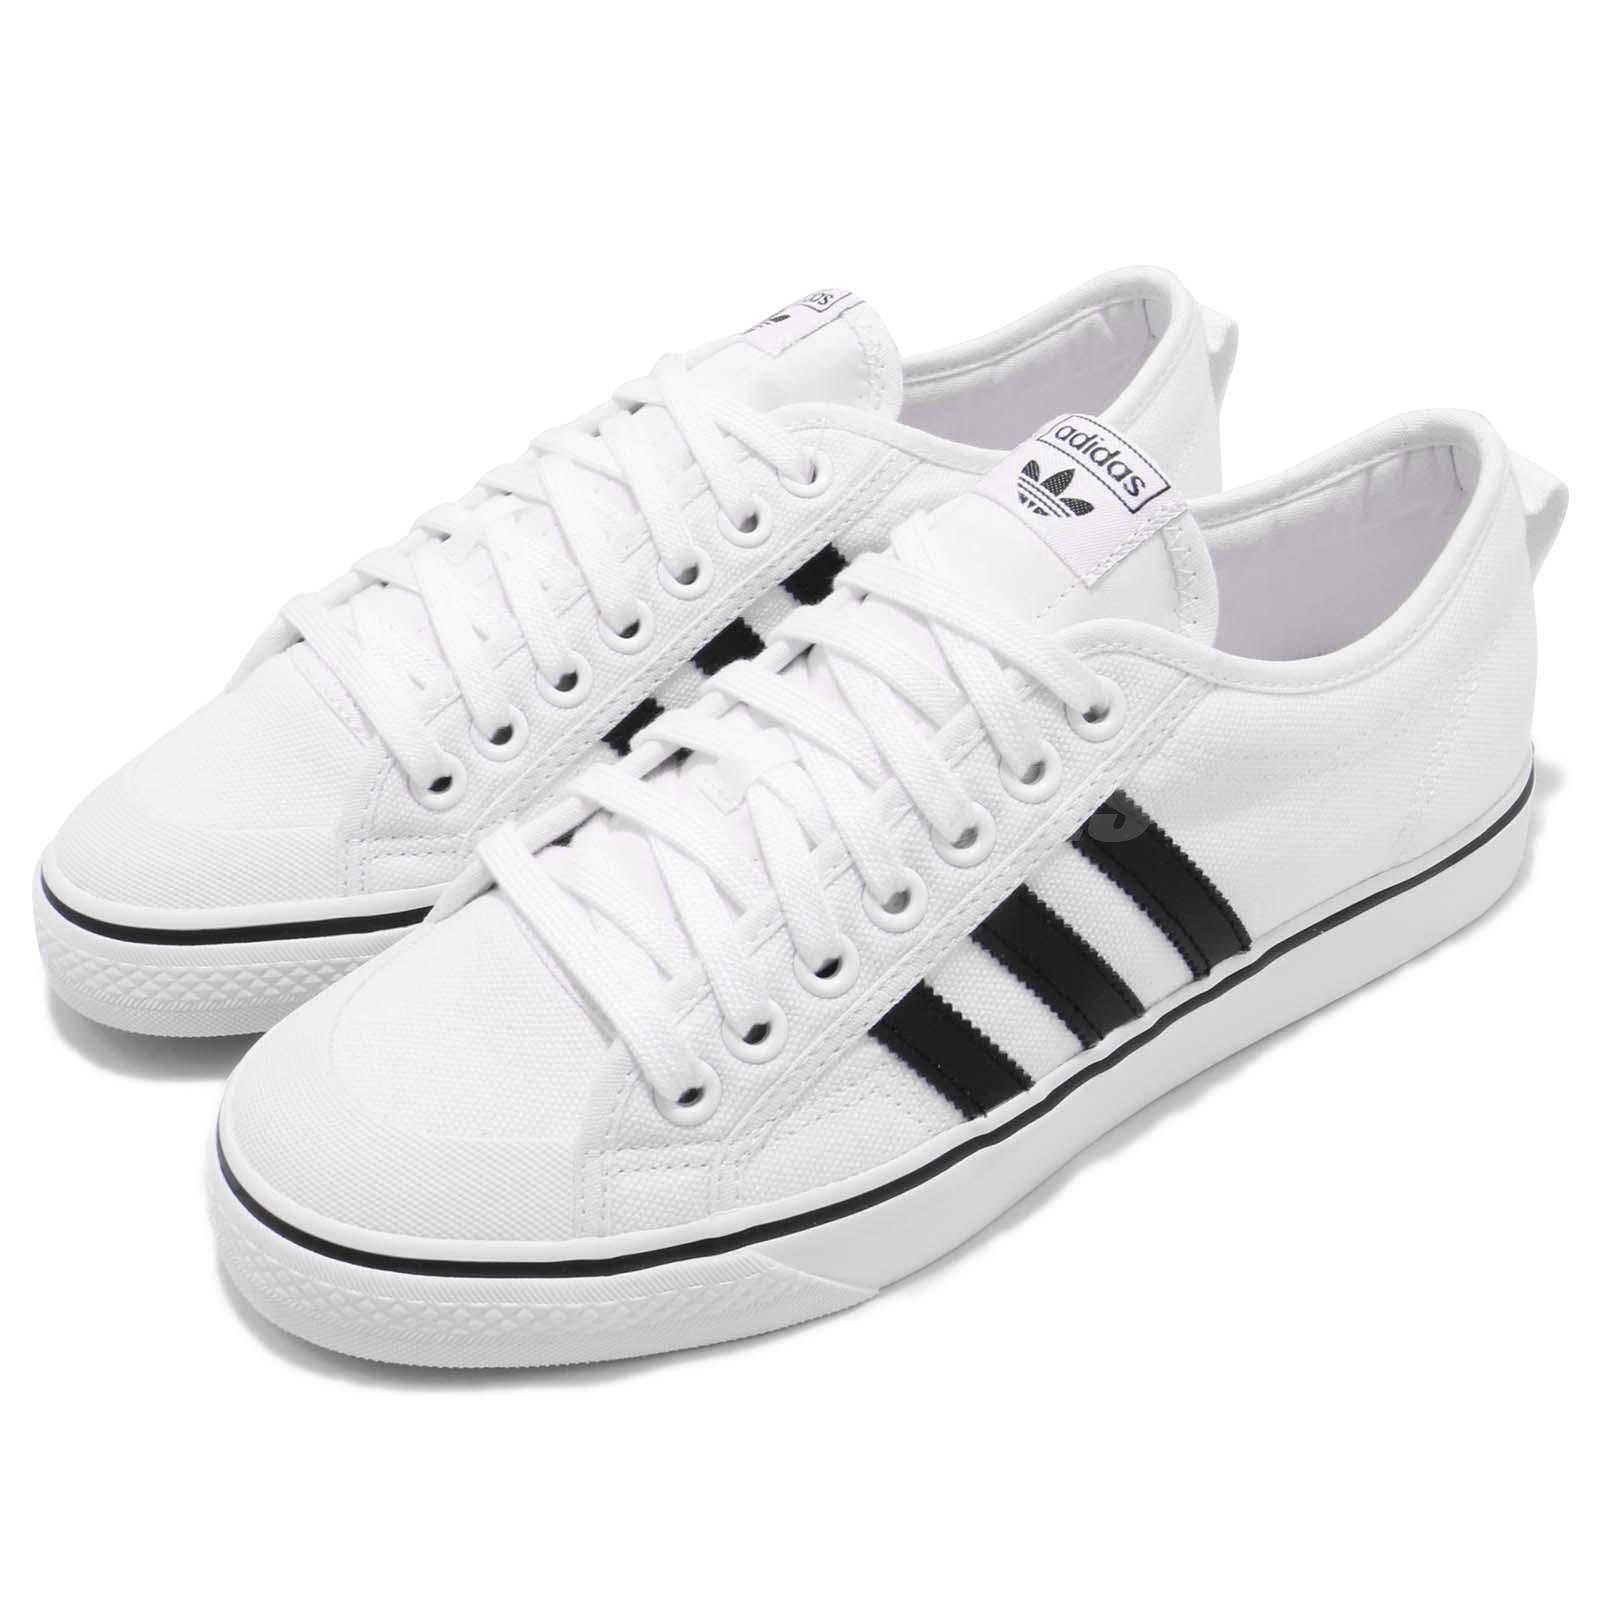 Adidas Originals Nizza Footwear bianca Core nero Men Casual scarpe scarpe da ginnastica CQ2333 | Colore molto buono  | Gentiluomo/Signora Scarpa